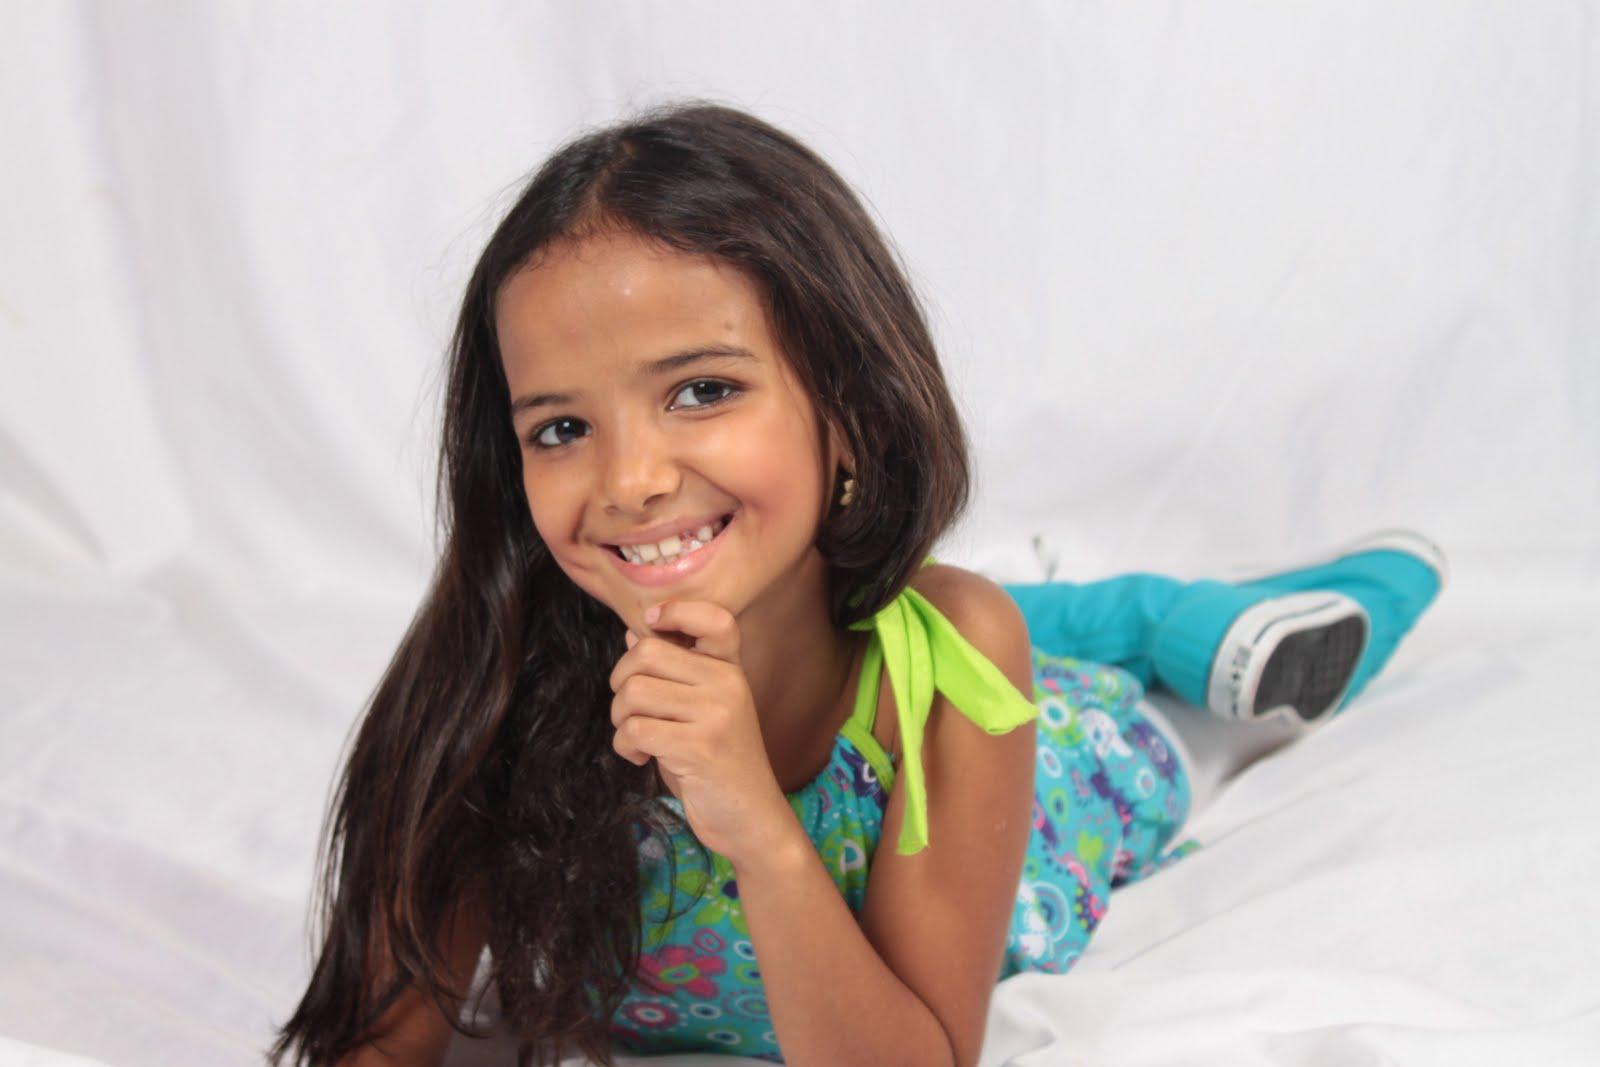 MISS MT INFANTIL 2011: AGDA ROCHA JACIARA -MT 2011  MISS MT INFANTI...